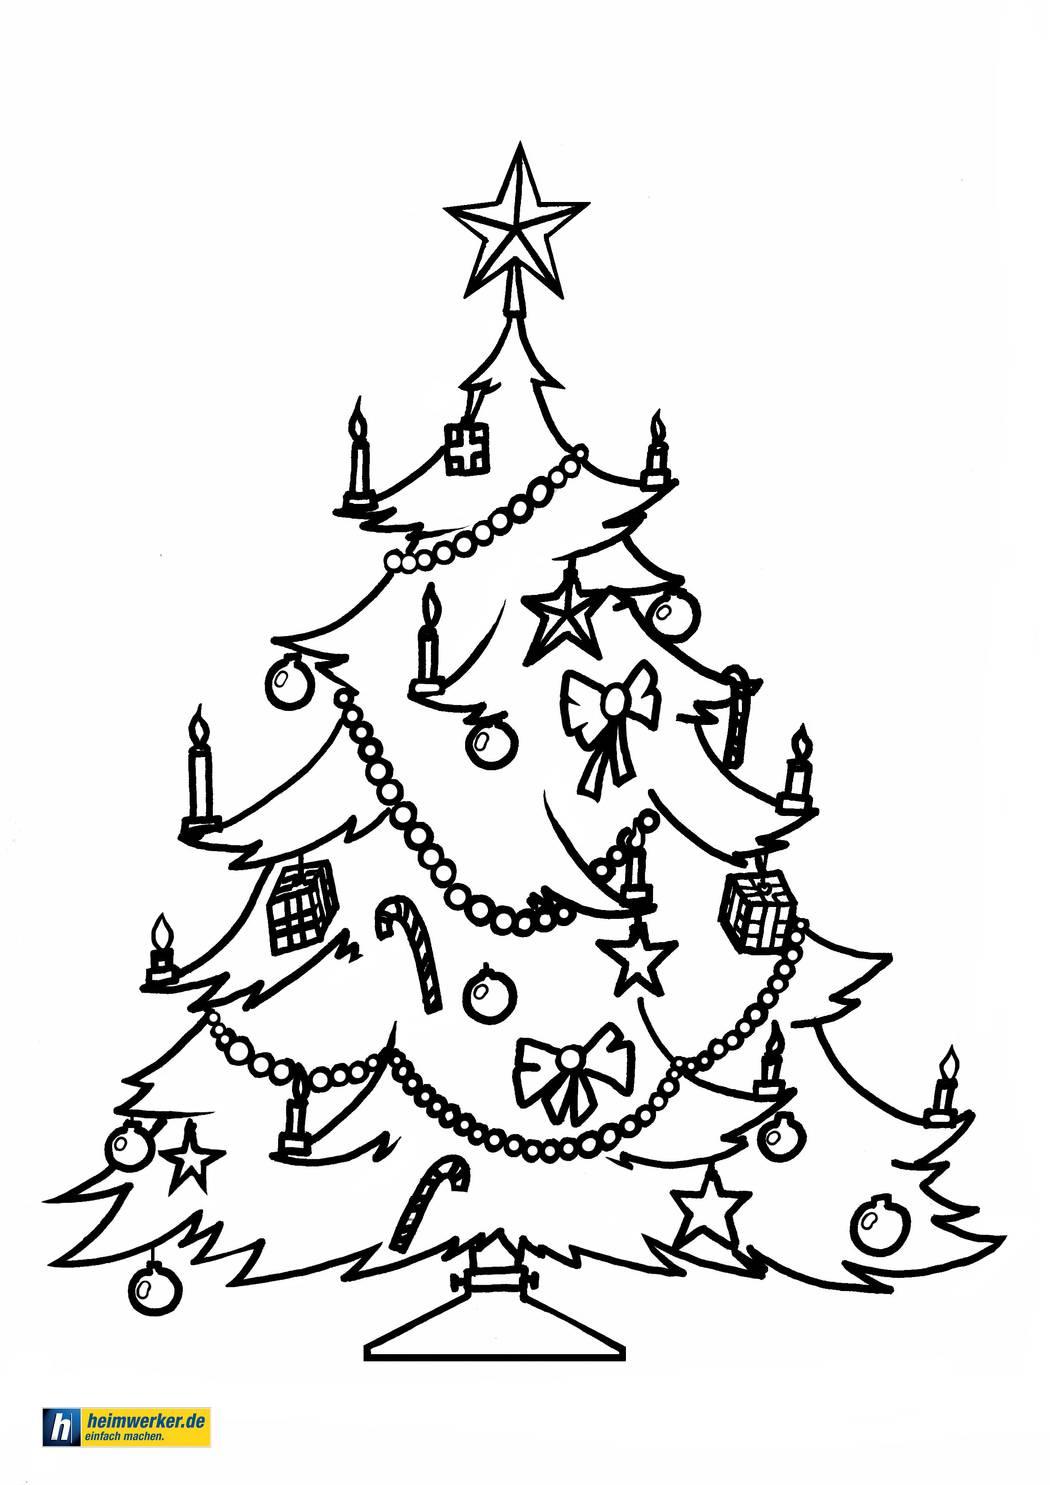 Malvorlagen Zu Weihnachten - Die Schönsten Ausmalbilder Zum bestimmt für Malvorlage Weihnachtsbaum